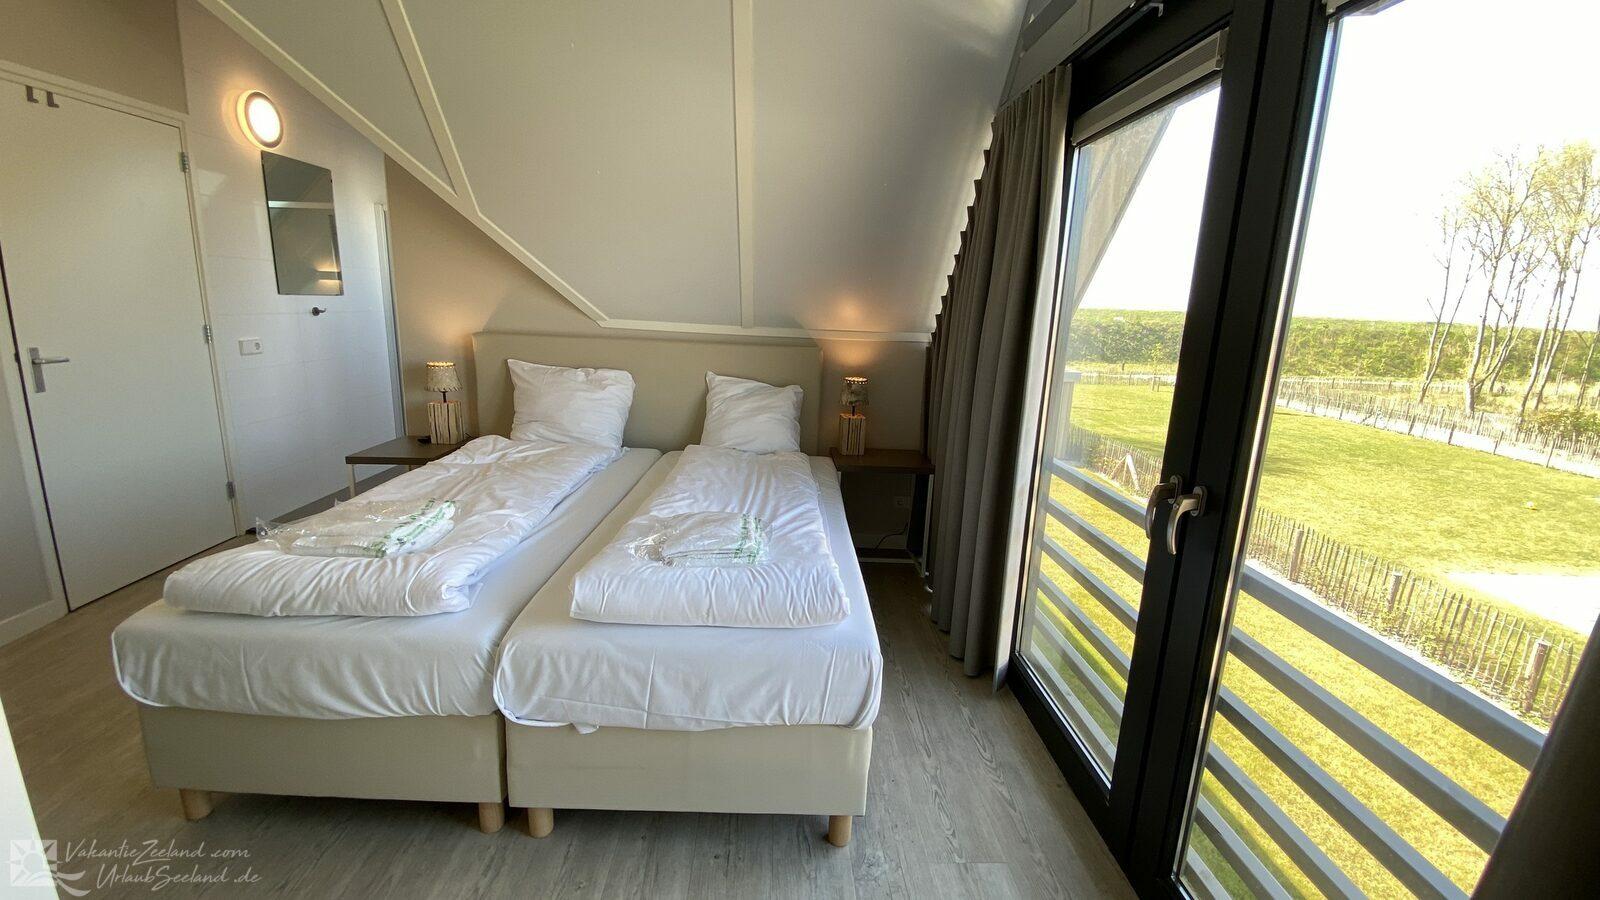 VZ753 Villa Tholen